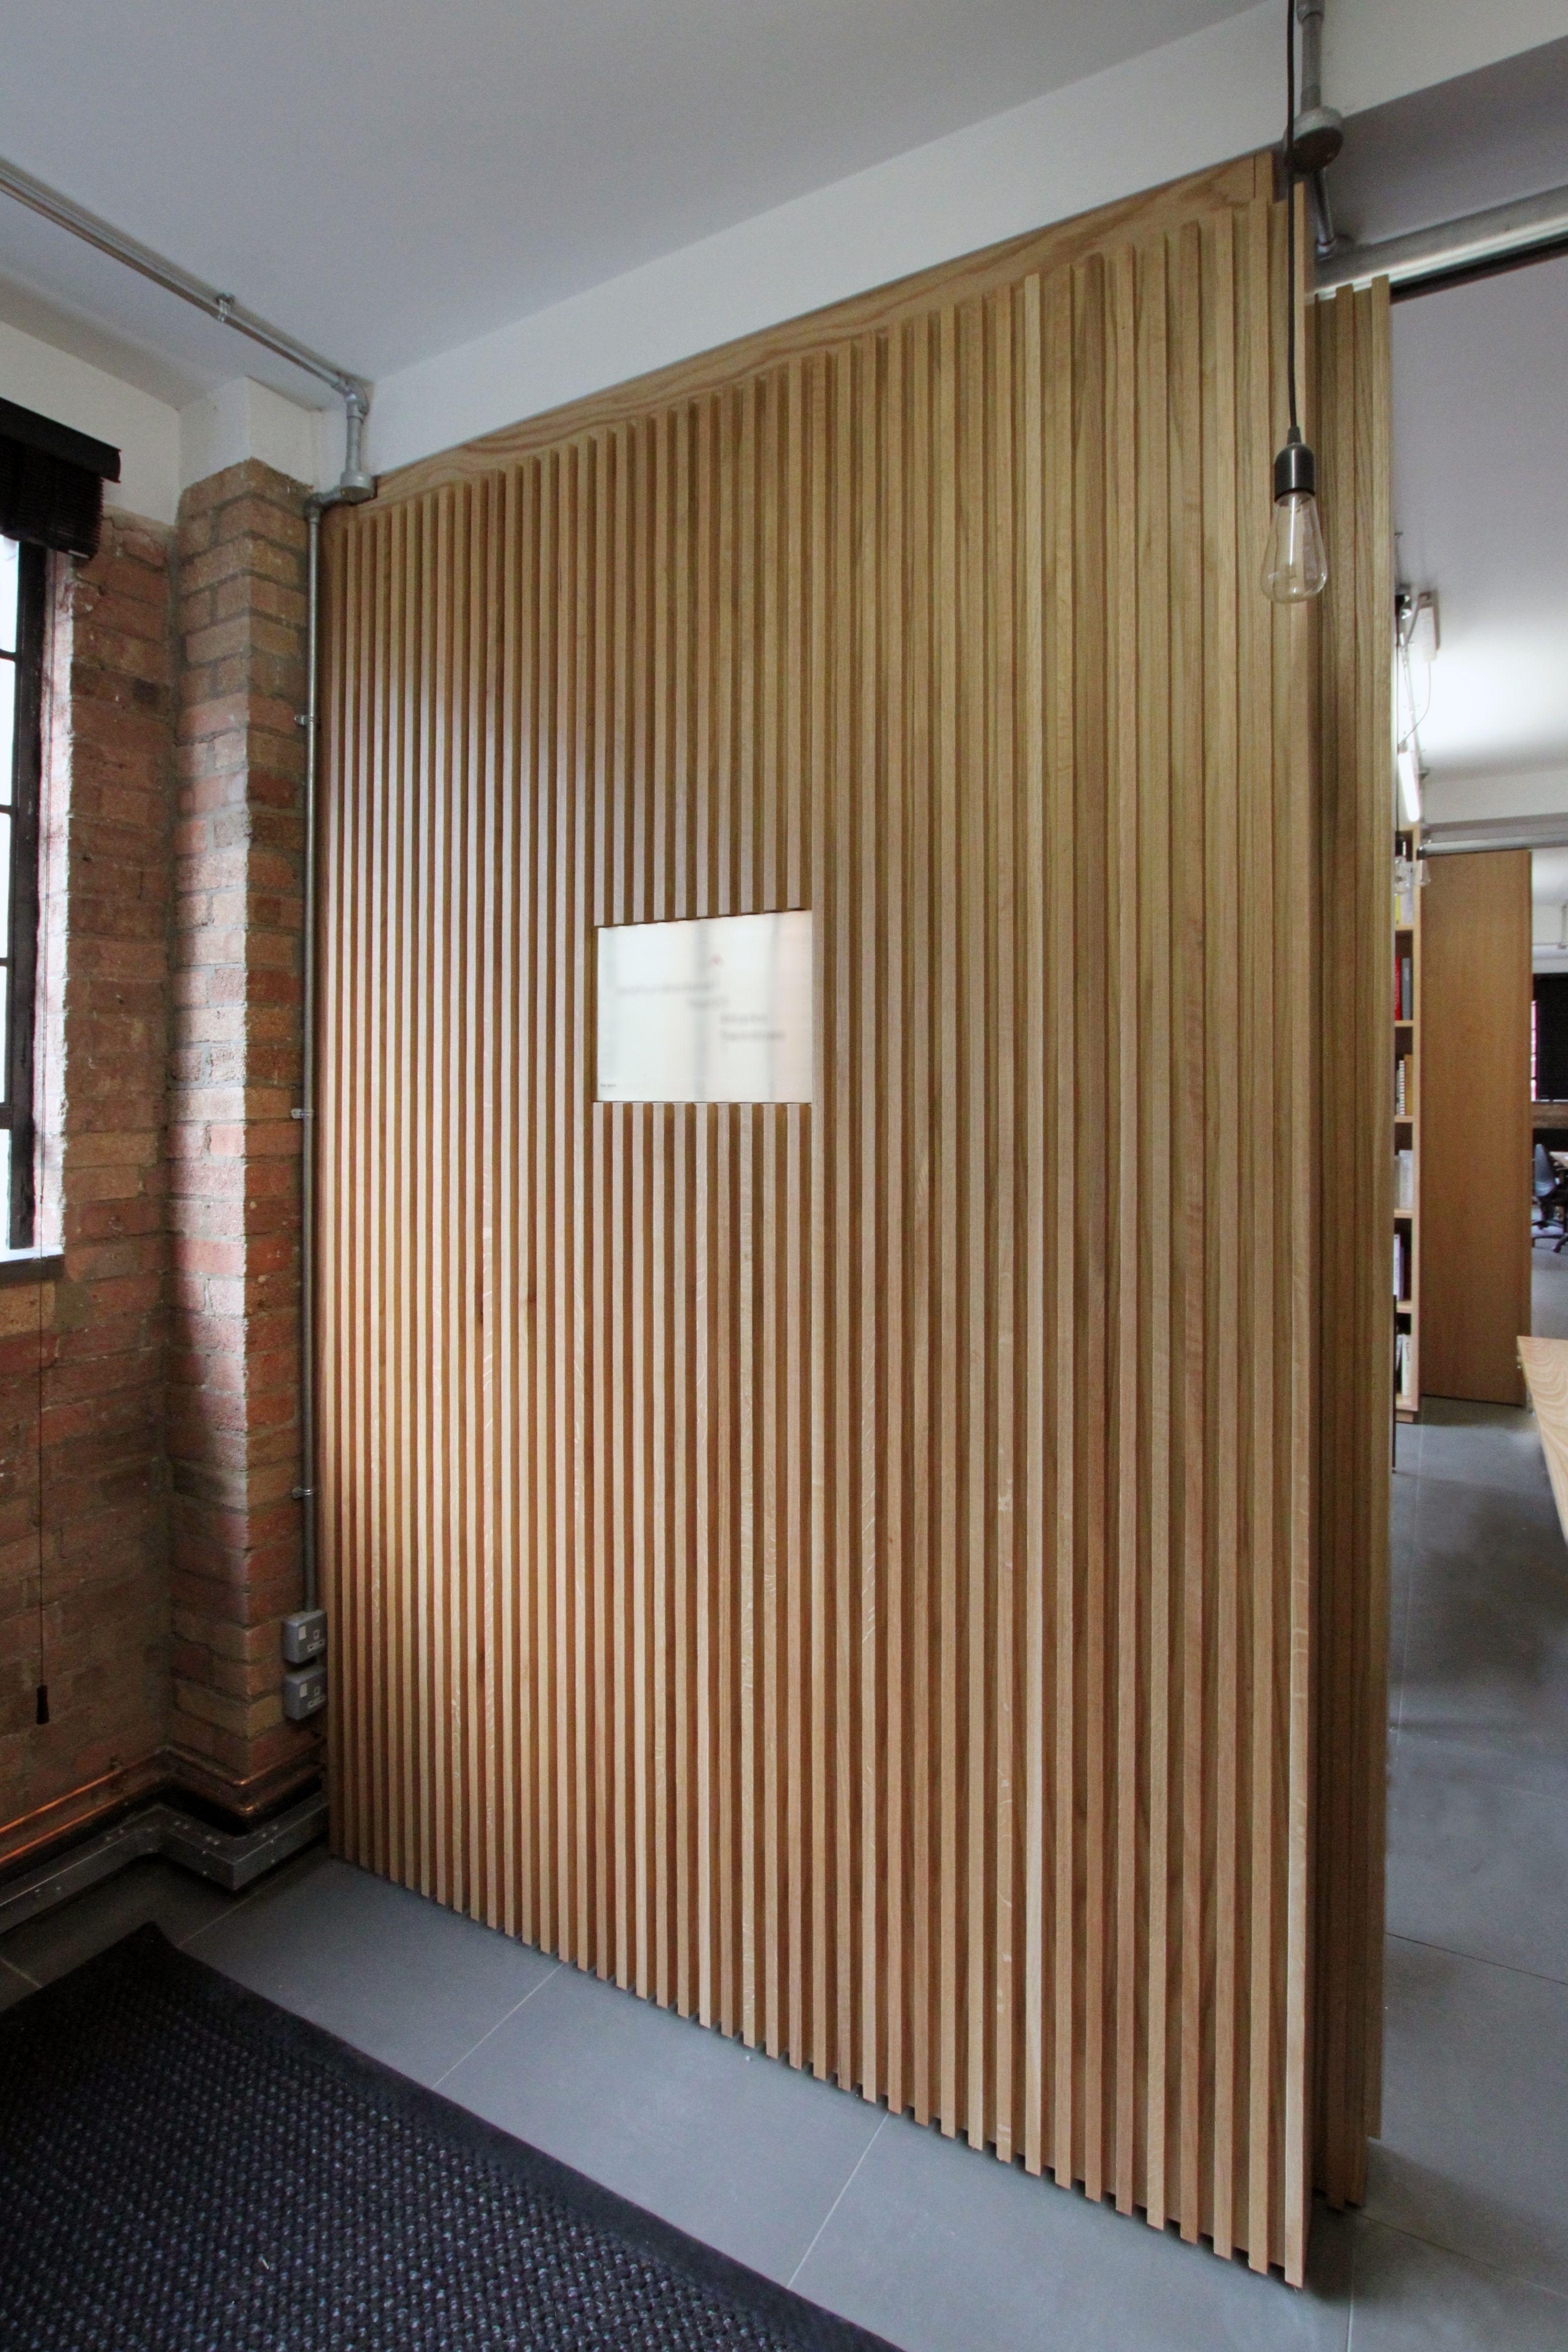 Floortoceiling oak veneer room dividers with partition